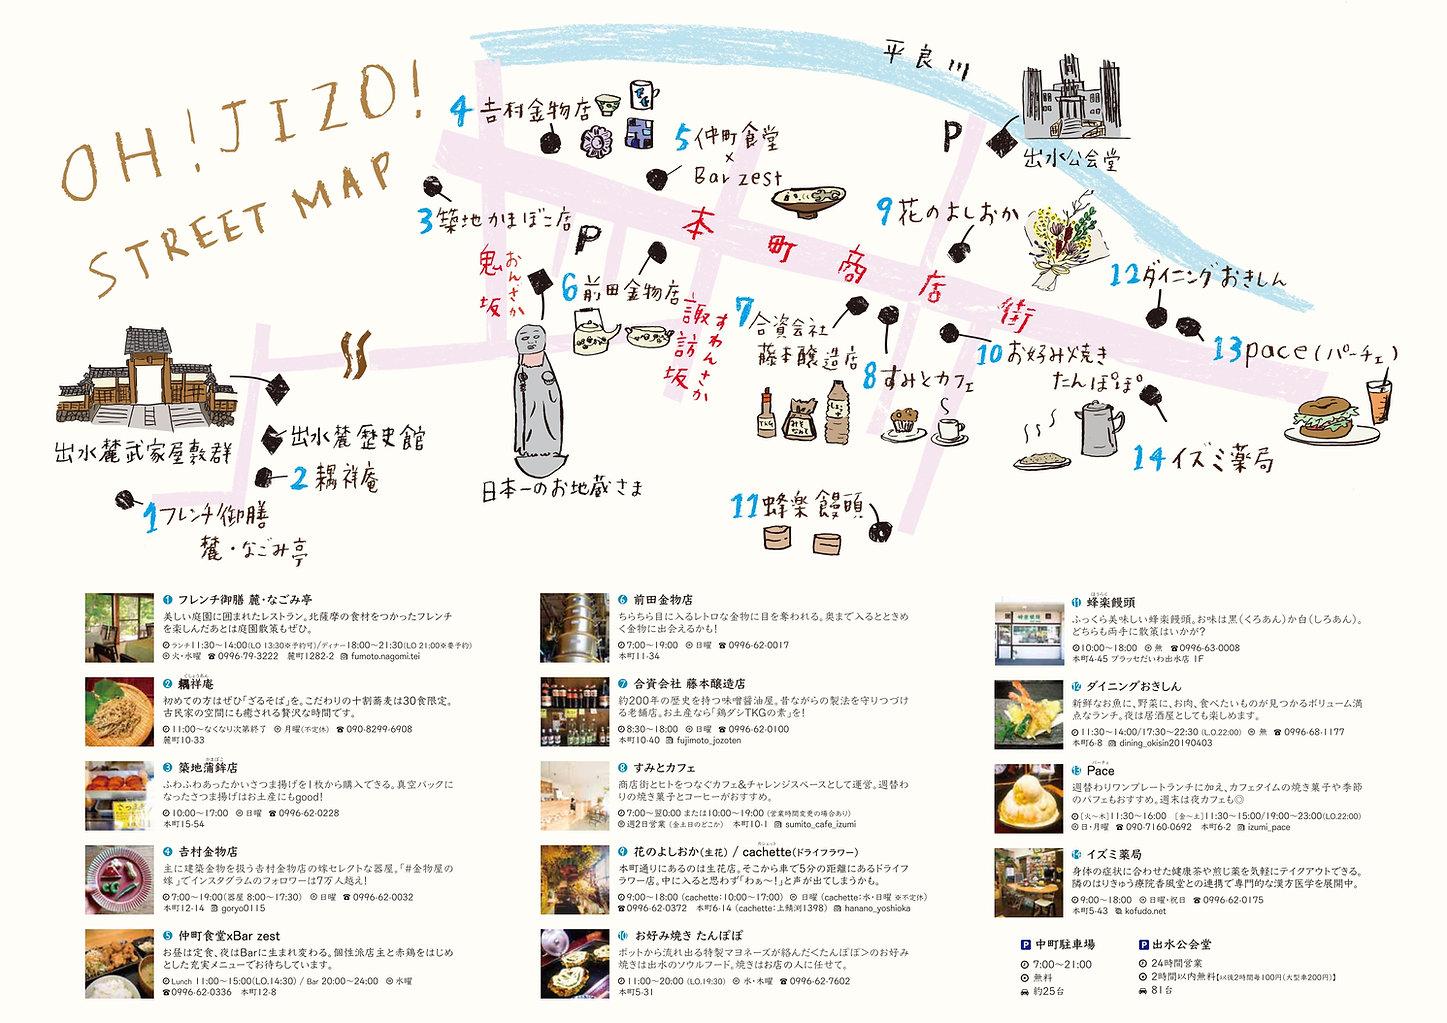 【最終版】ohjizostreetmap_page-0002.jpg